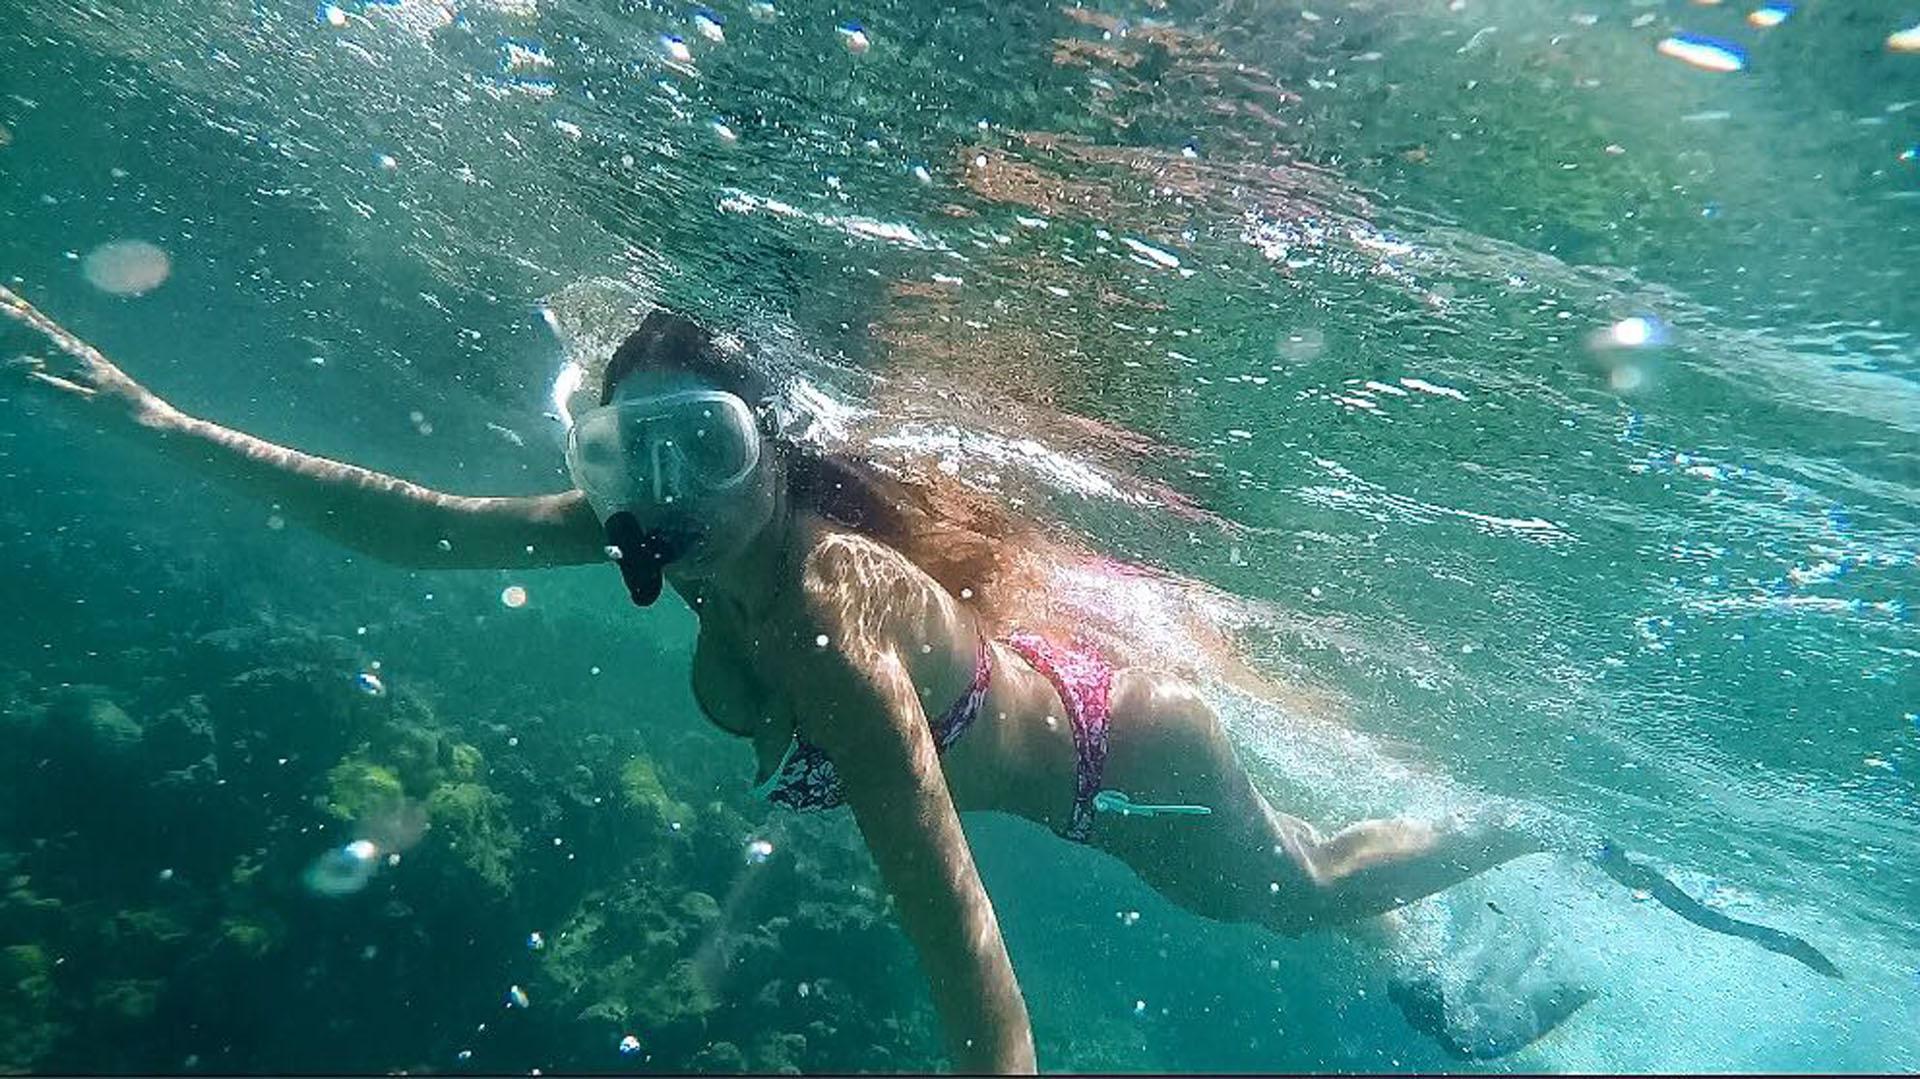 Guadalupe aprovechó sus días libres para hacer deportes acuáticos